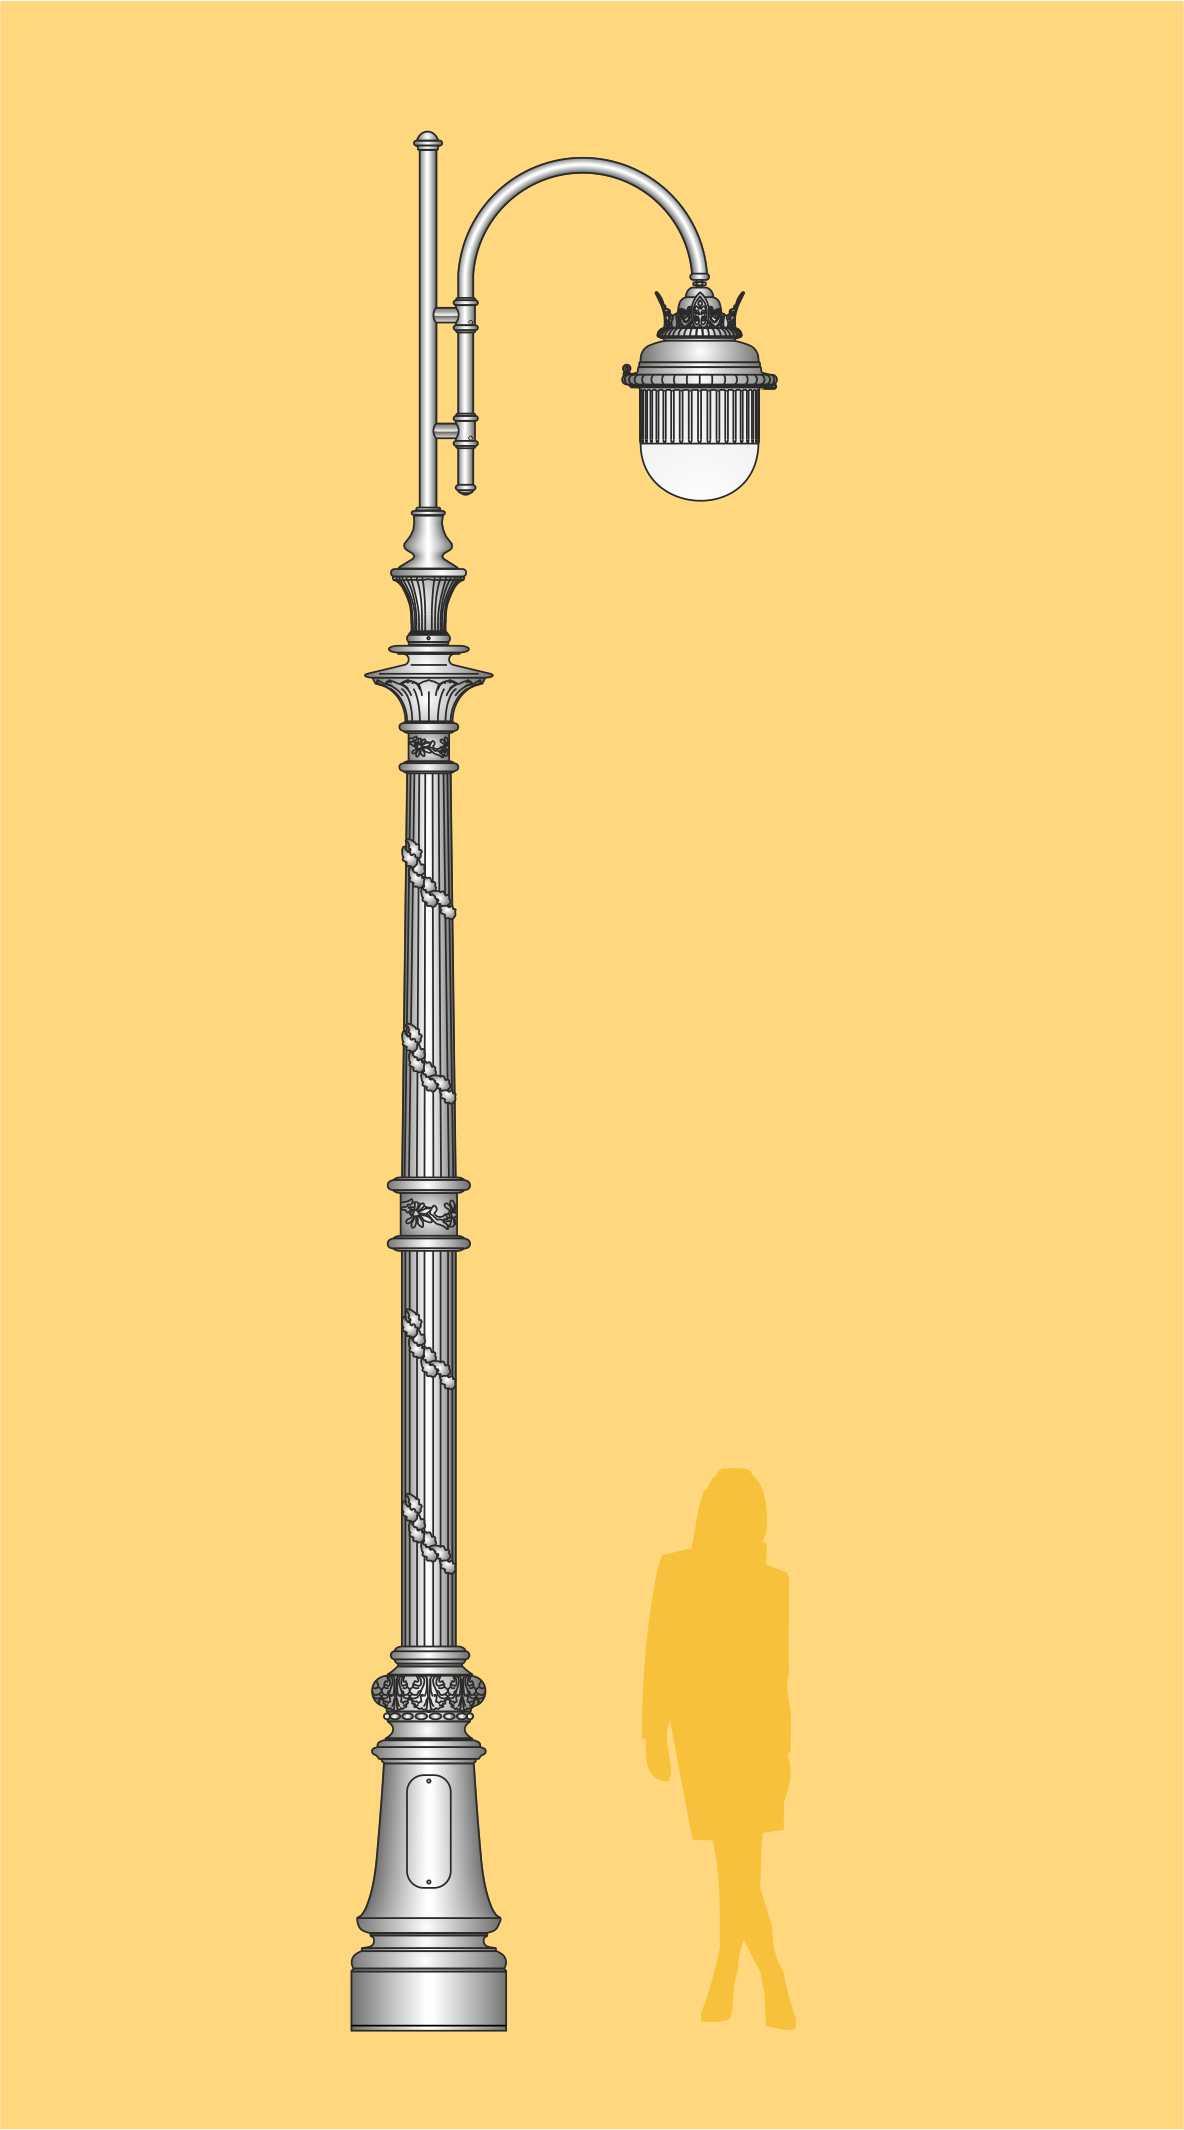 ekskluzywna latarnia stylowa, latarnia uliczna, oświetlenie ogrodowe, oprawa LED